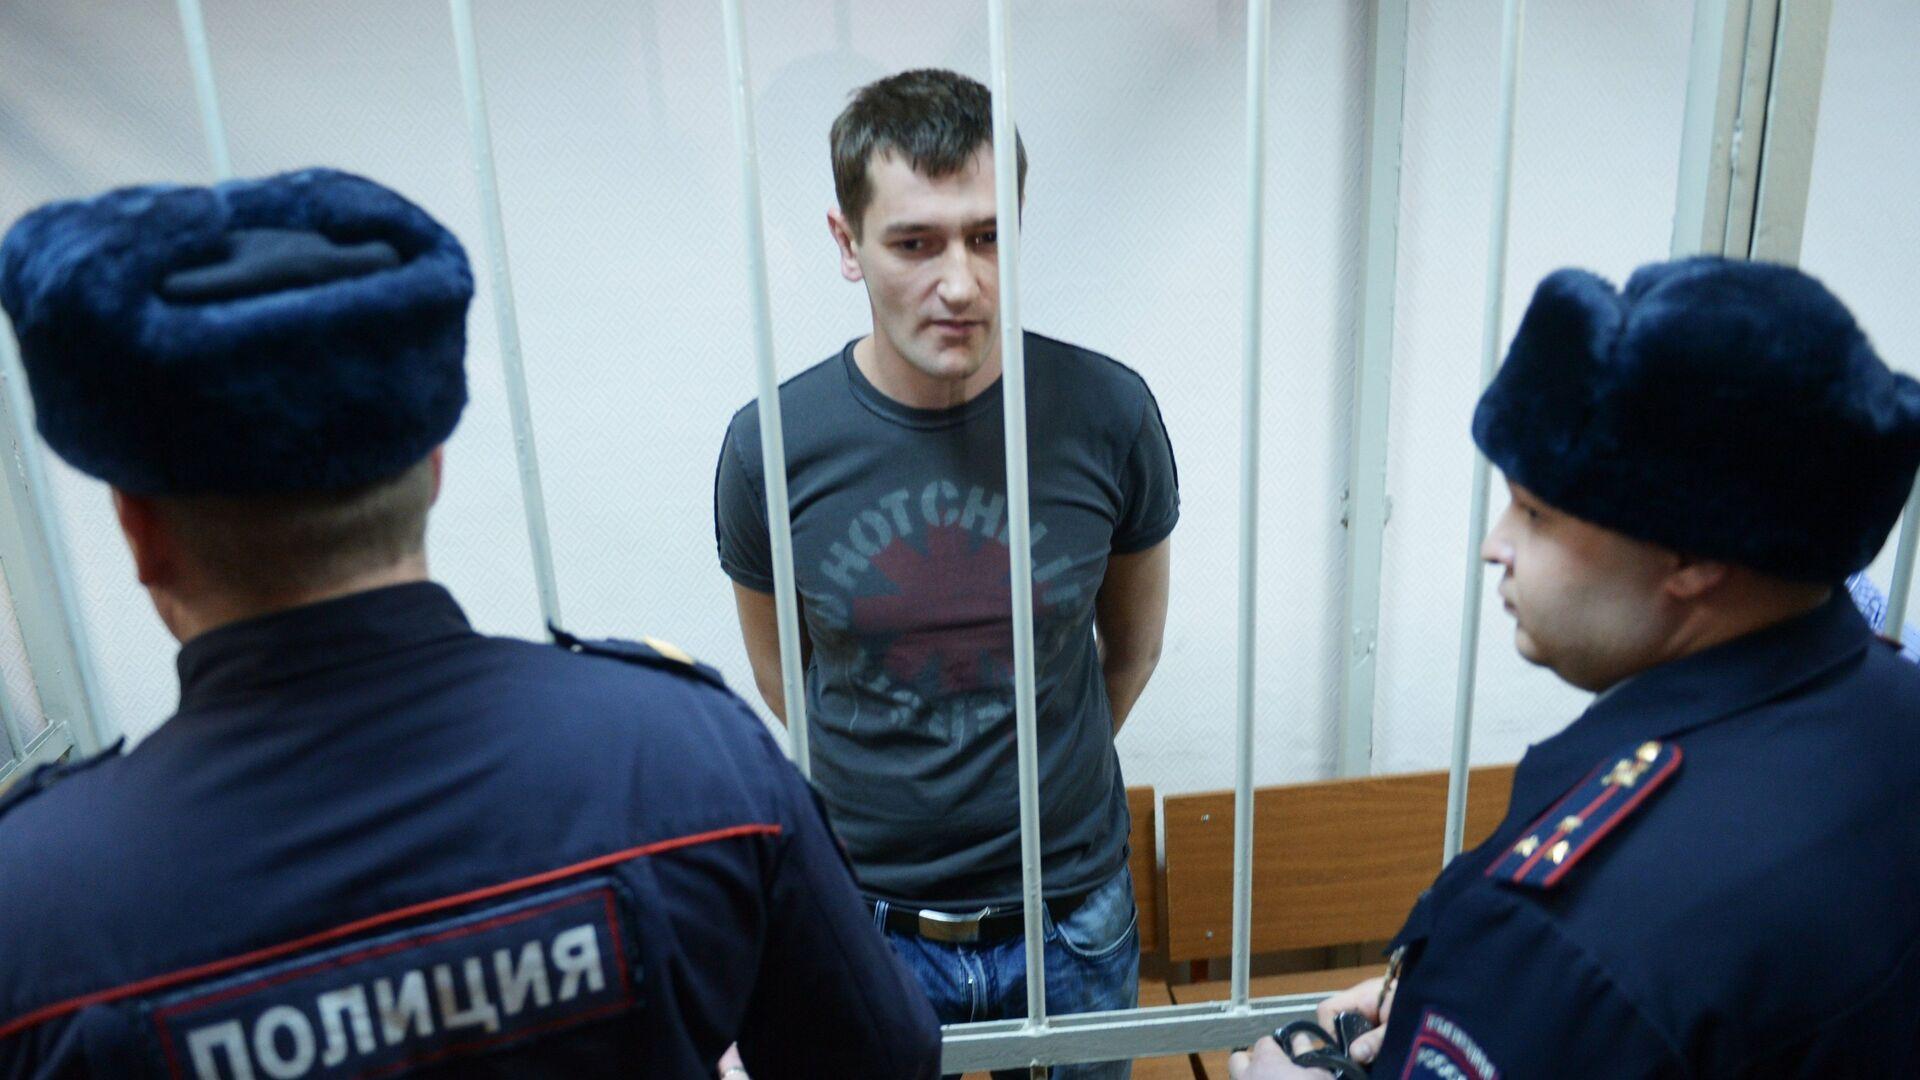 Олег Навальный во время оглашения приговора в Замоскворецком суде Москвы - РИА Новости, 1920, 29.01.2021